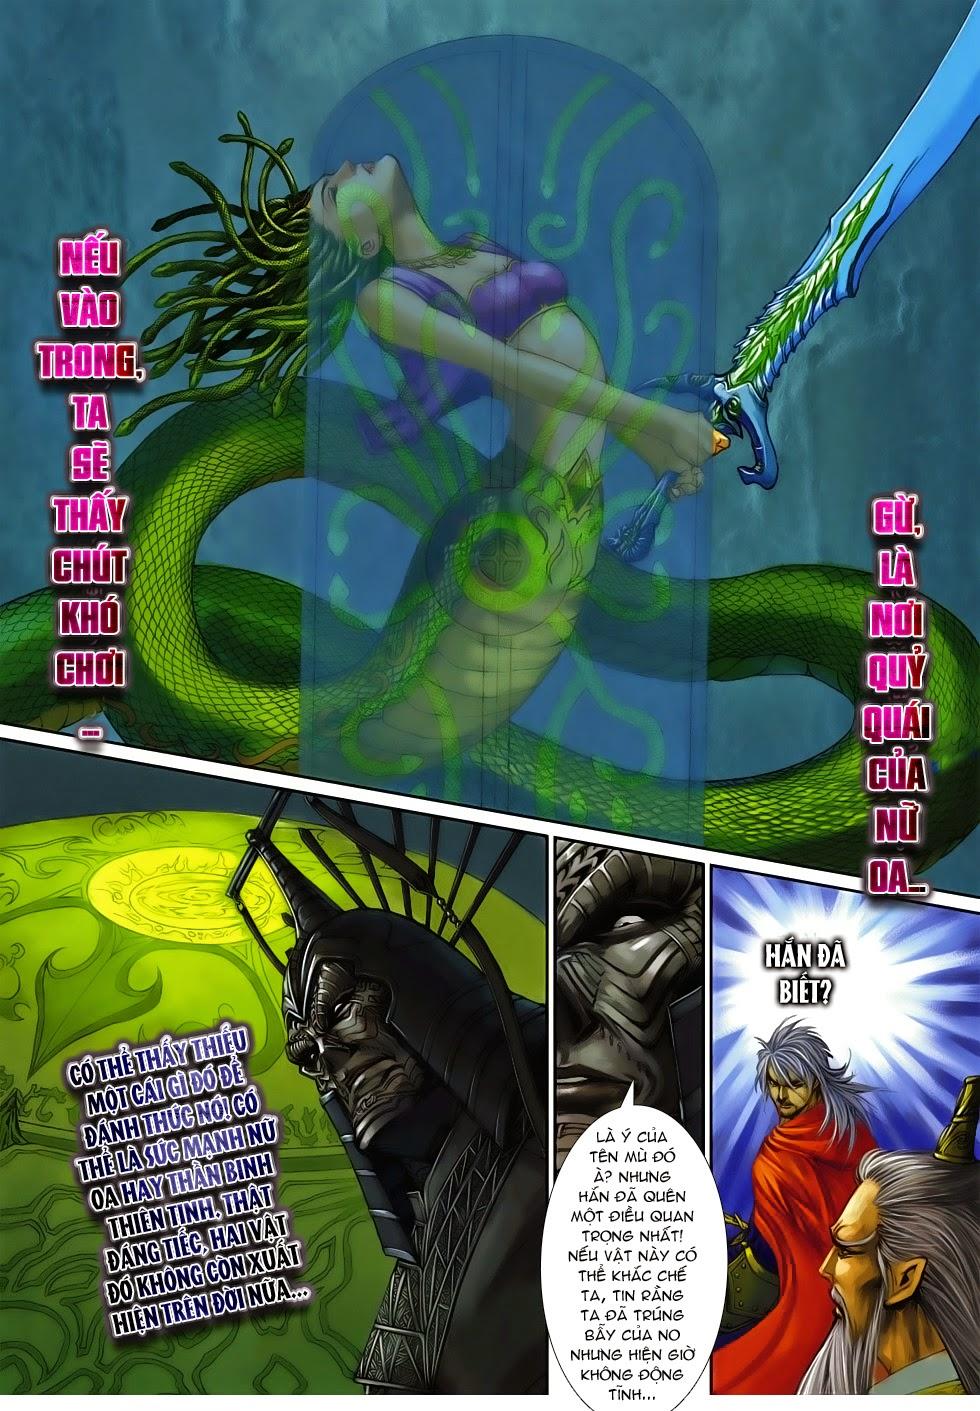 Thần Binh Tiền Truyện 4 - Huyền Thiên Tà Đế chap 14 - Trang 29